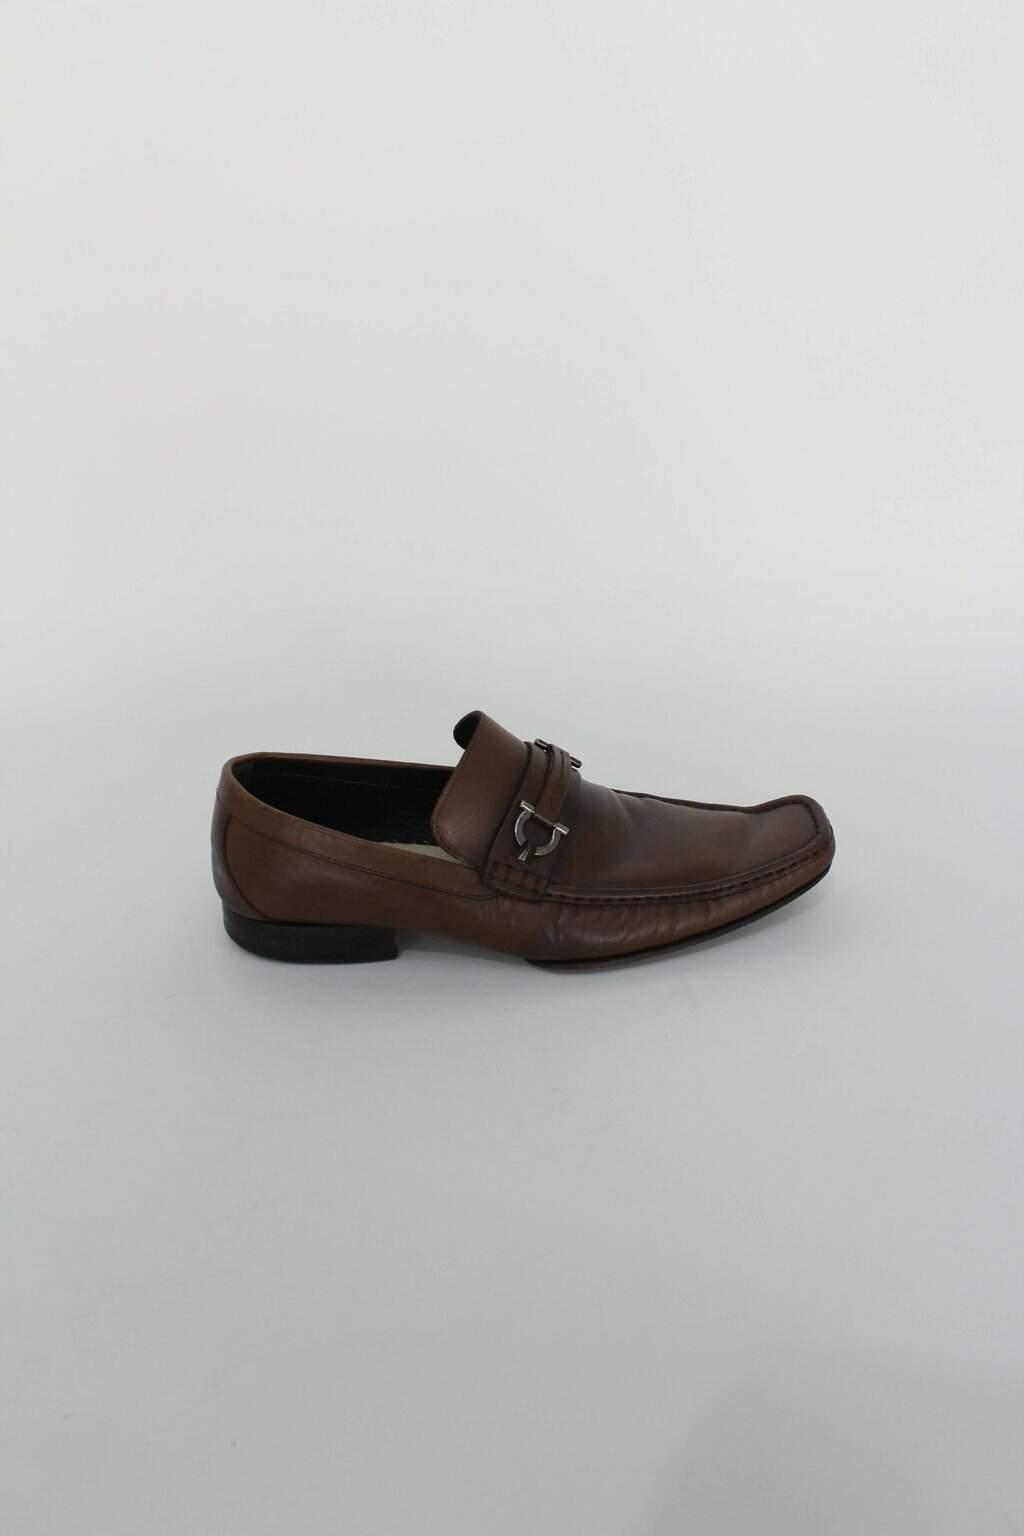 Sapato masculino marrom